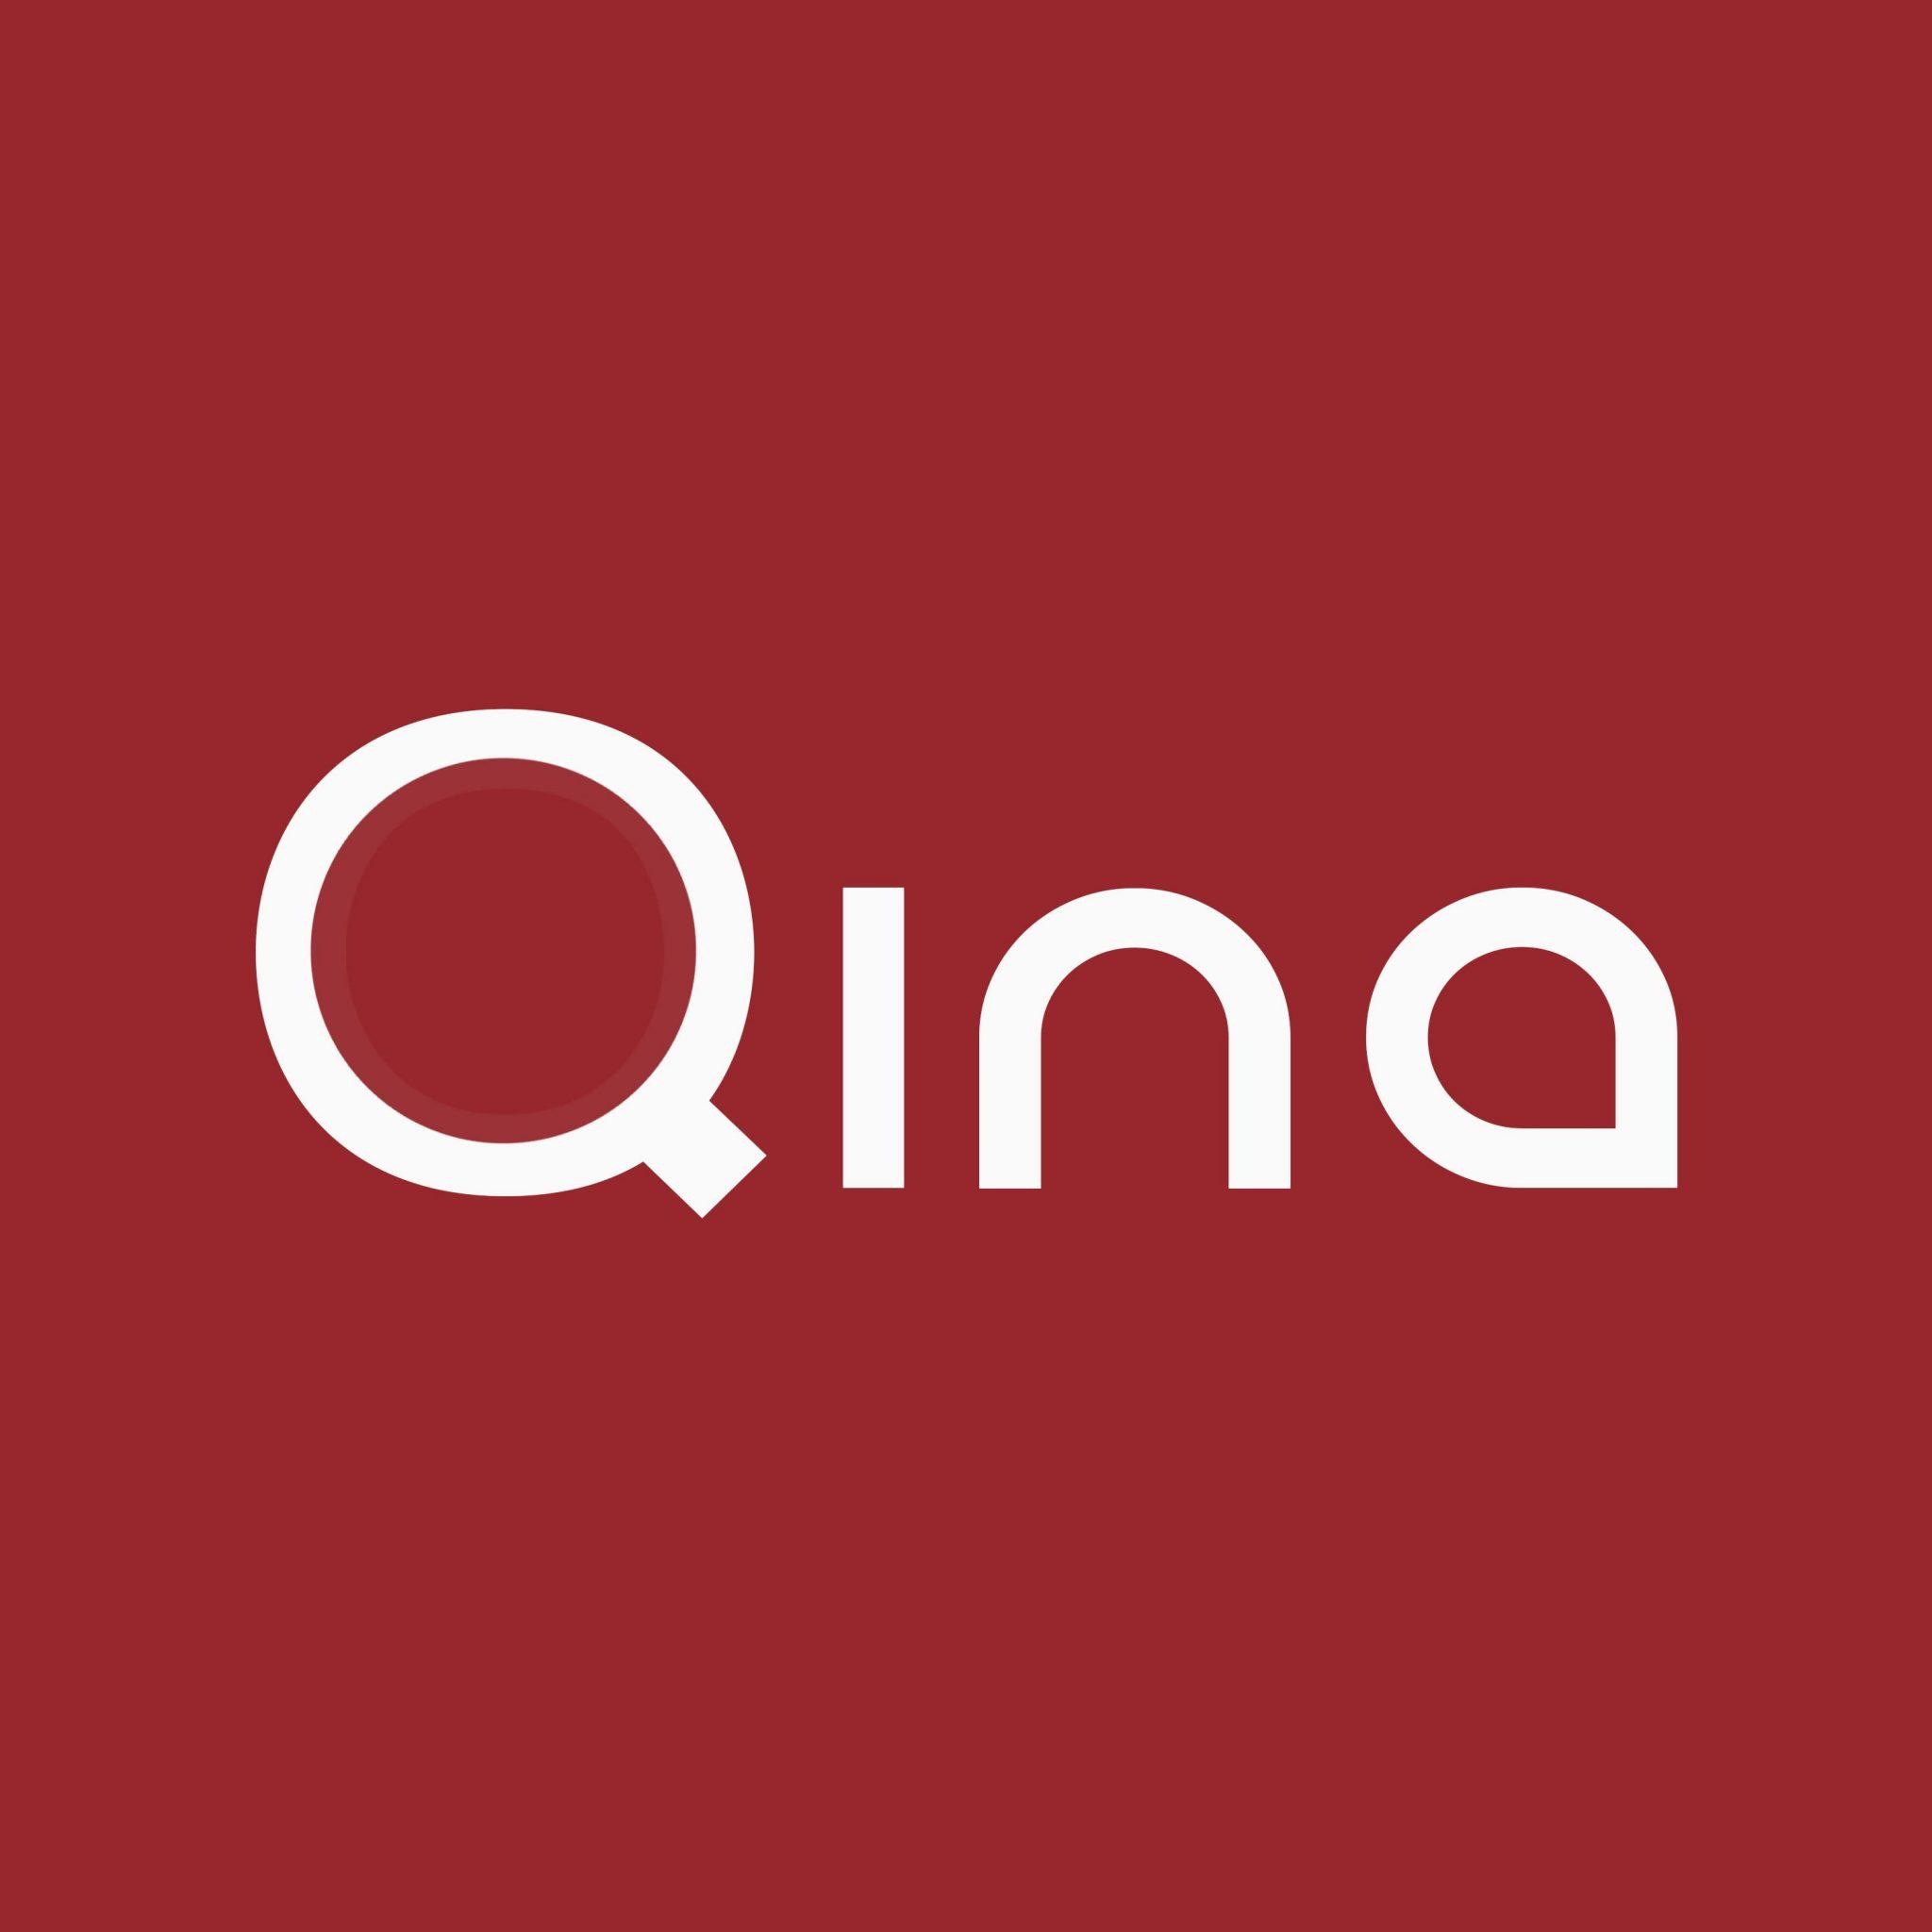 Qina's logo